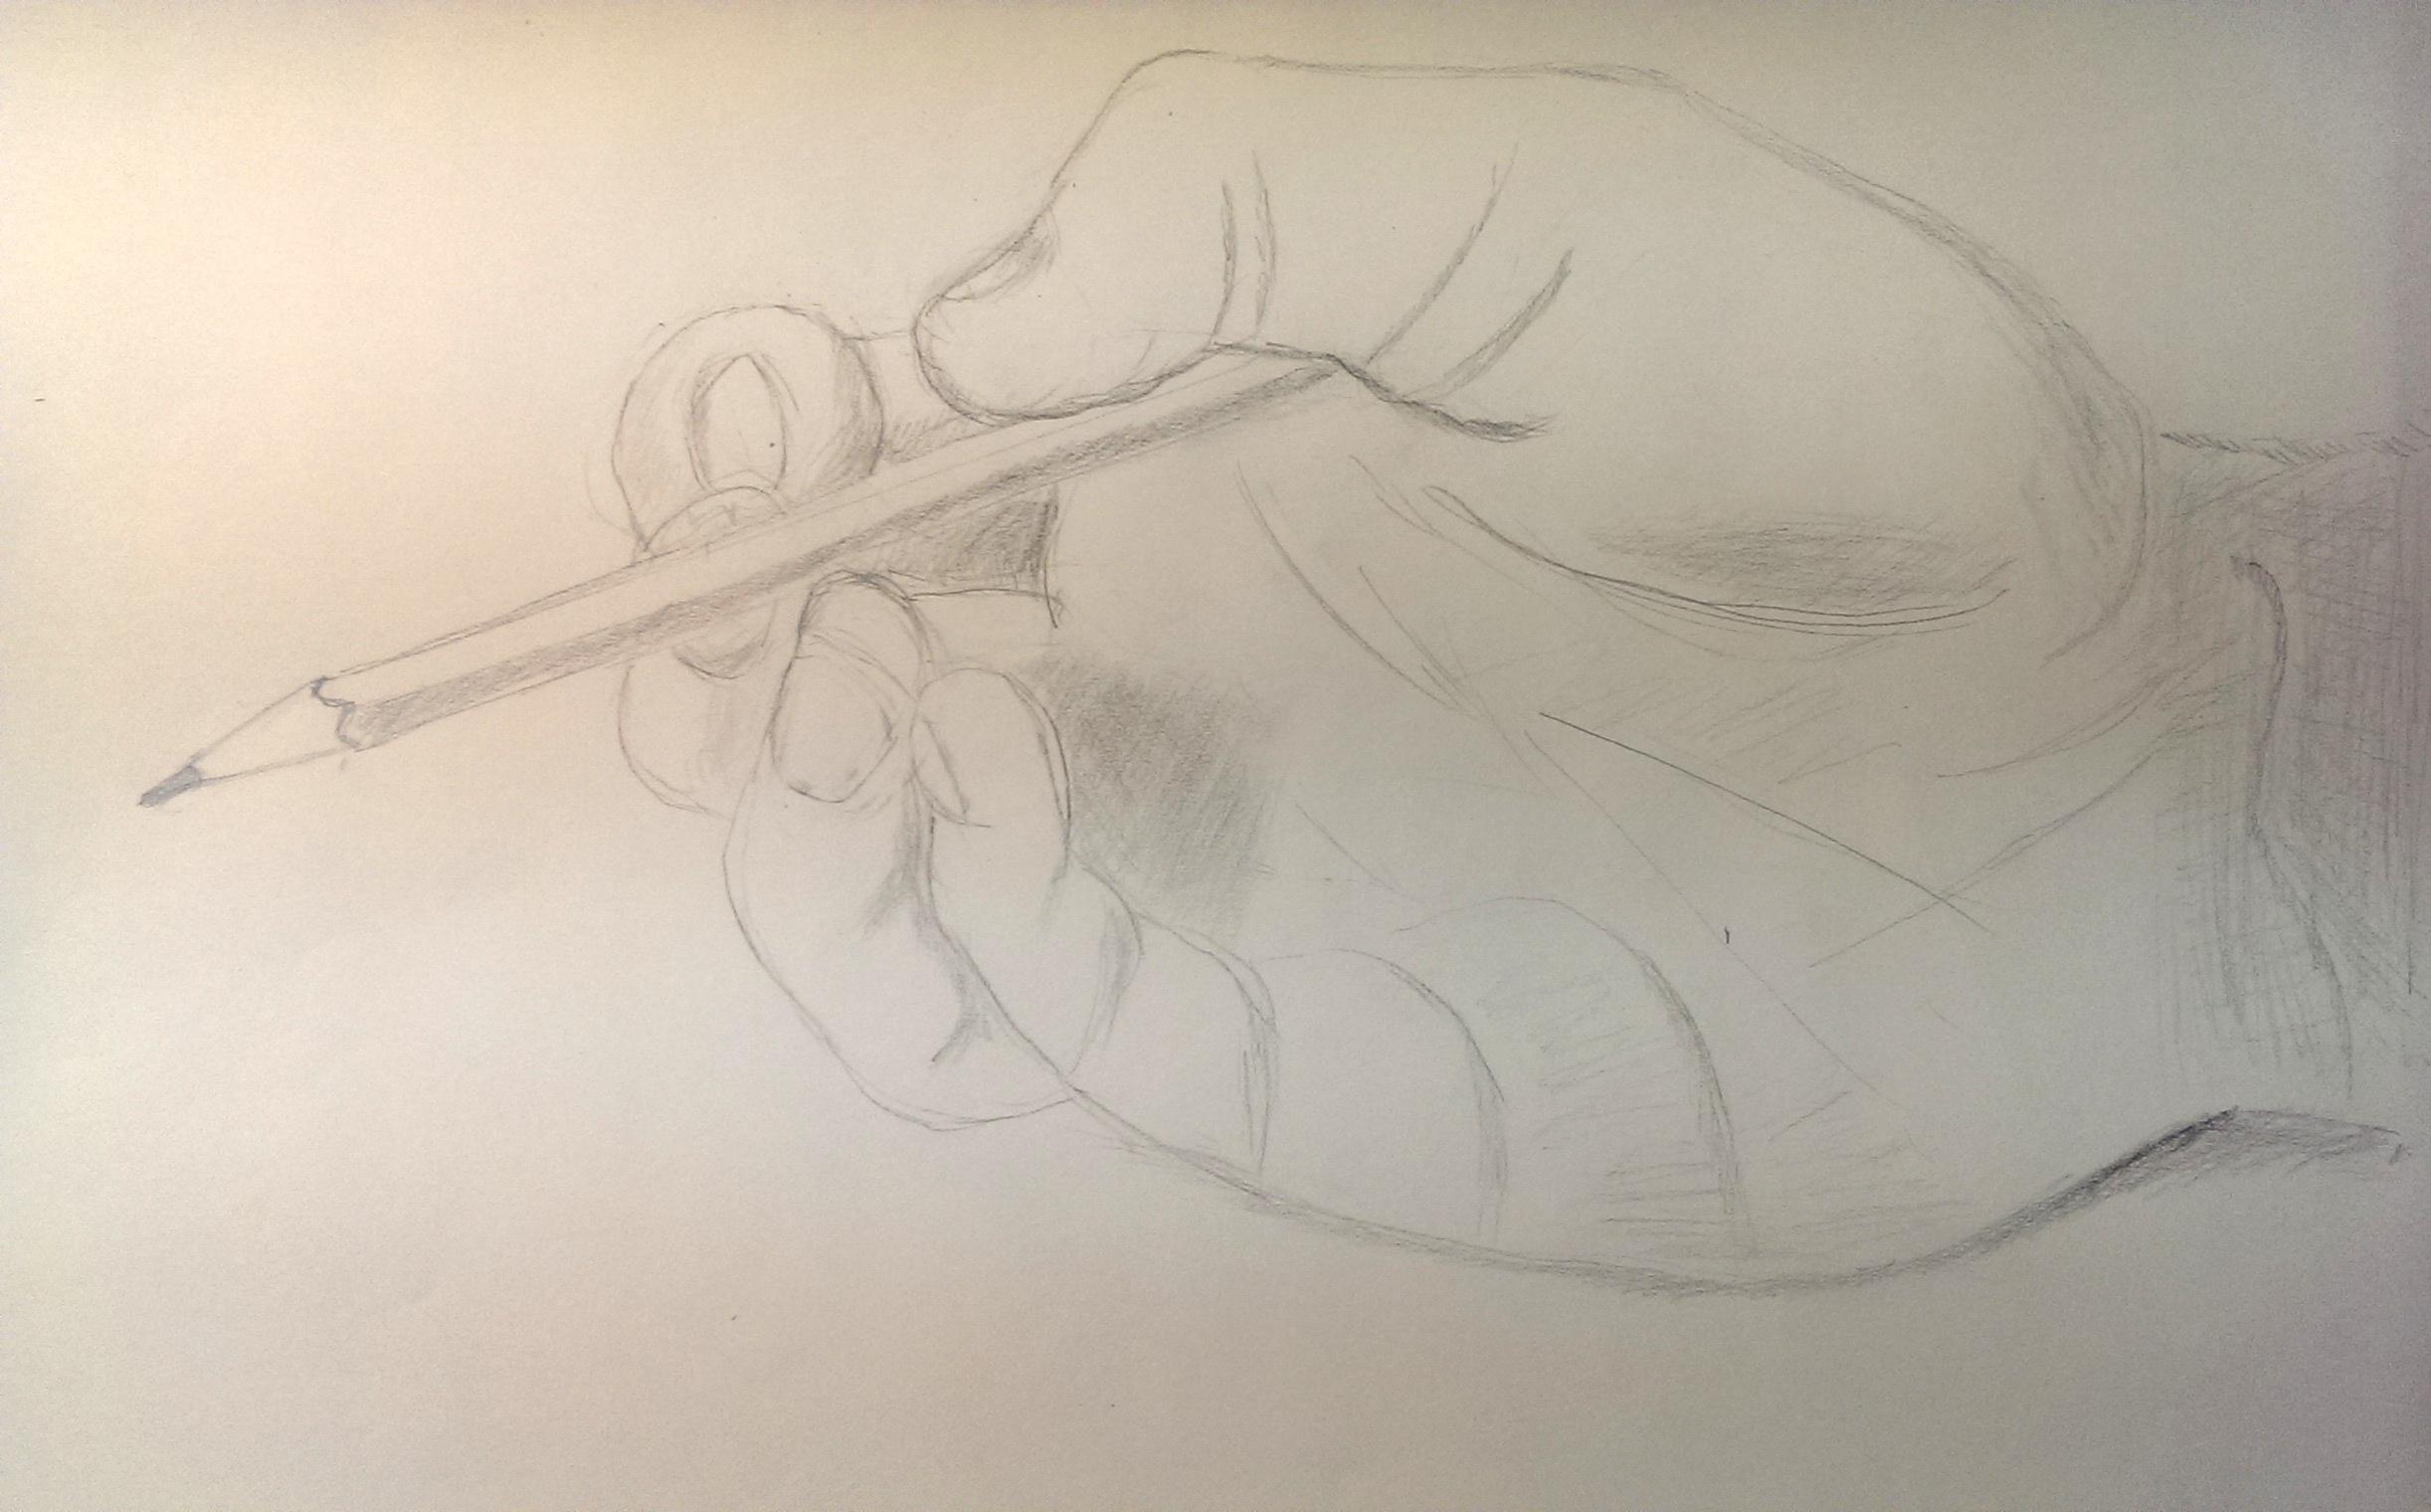 Außergewöhnlich Dienstagskurs Bleistift und Pastellkreide - Hände für Anfänger @SV_85